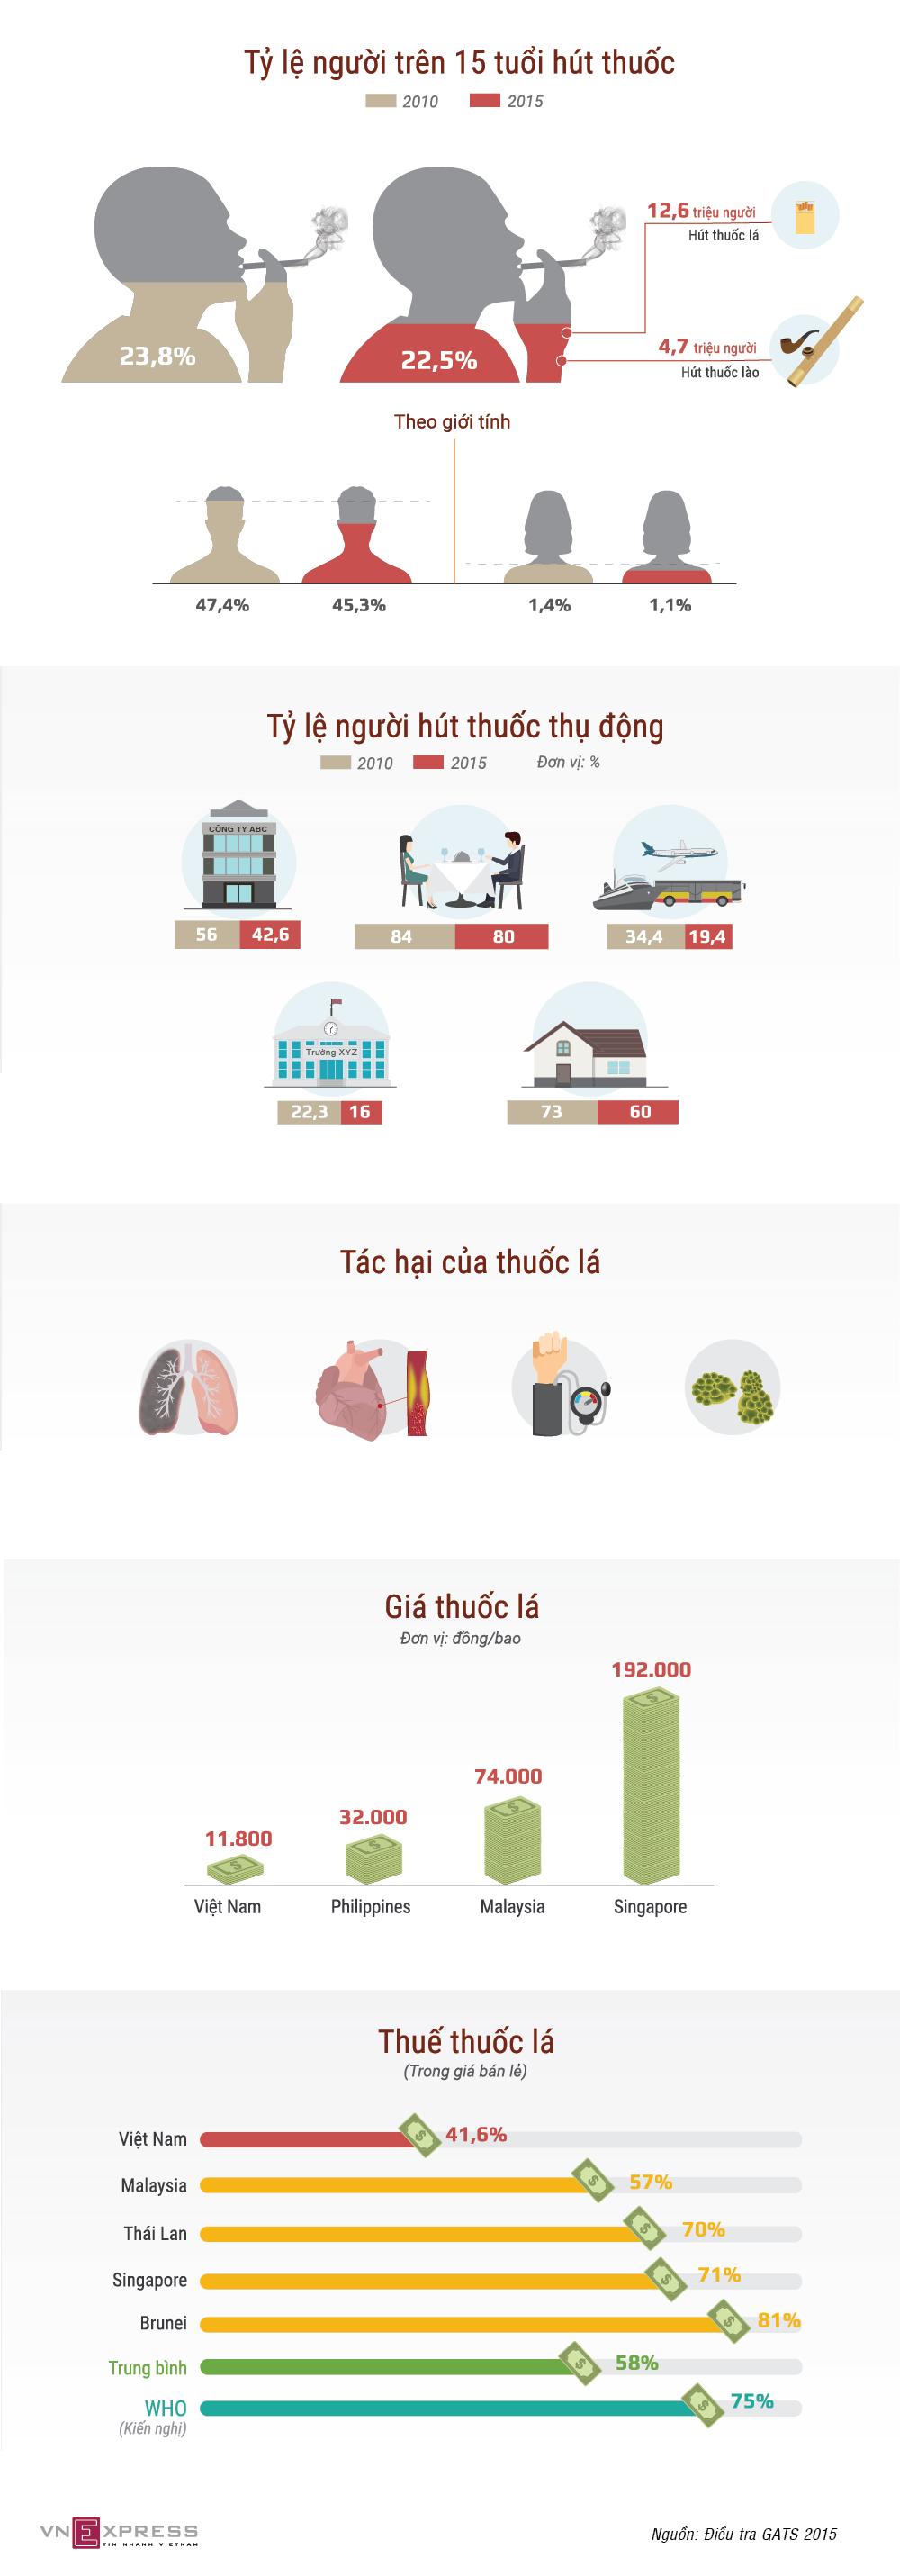 Gần 17 triệu người Việt đang làm 'nô lệ' cho thuốc lá